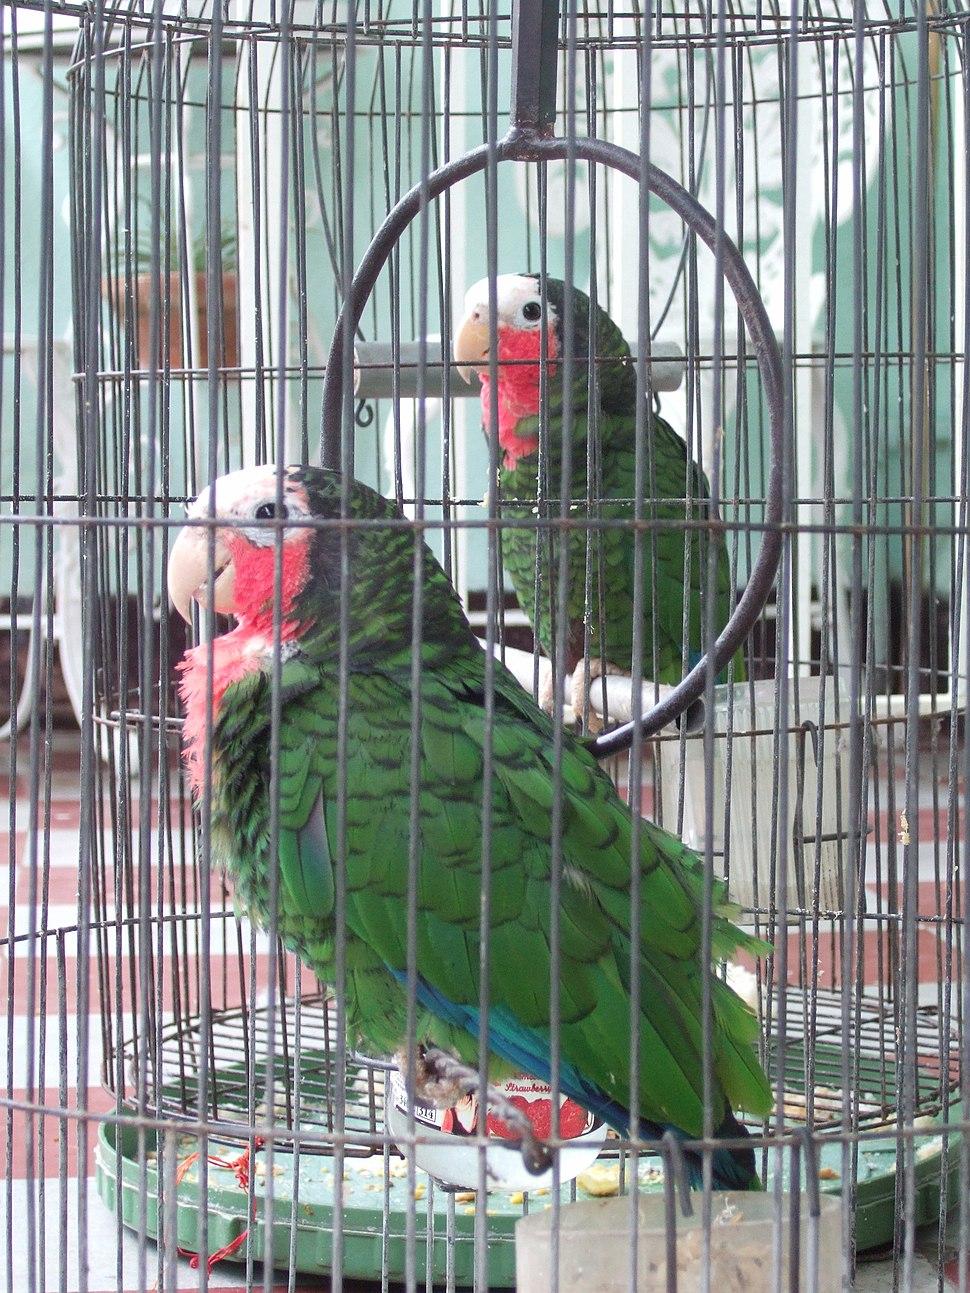 Pet parrots in Cuba